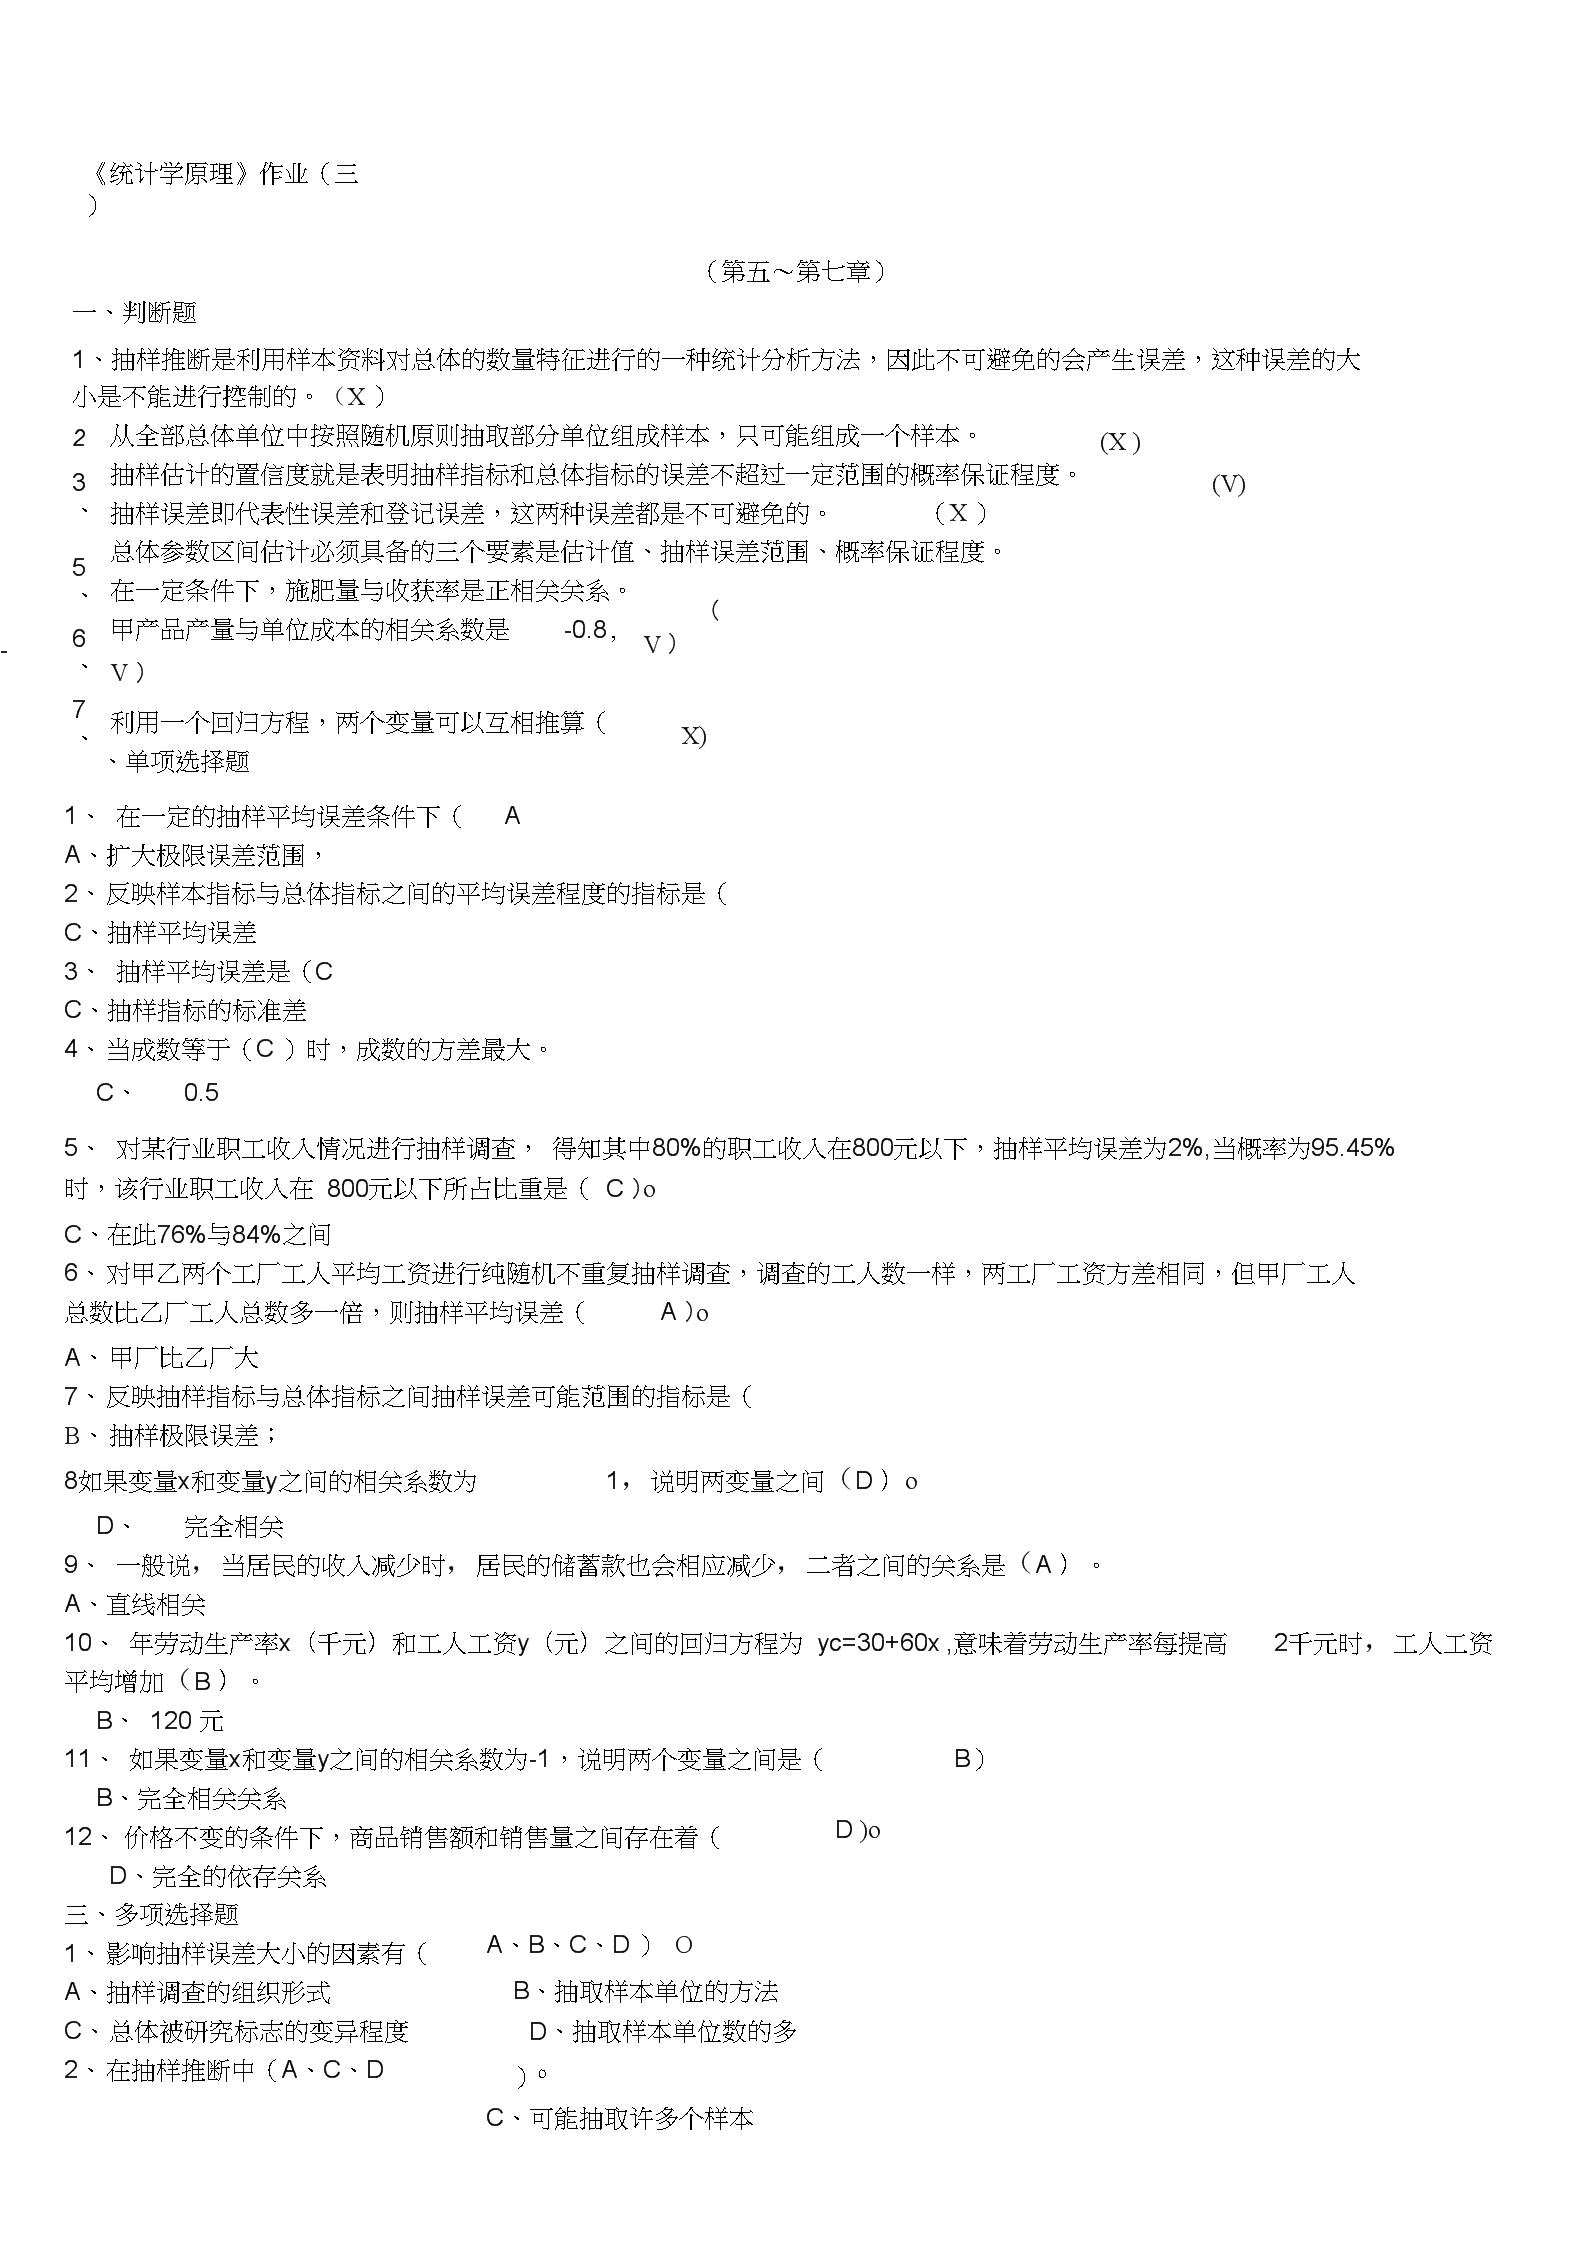 2013年中央电大统计学原理形成性考核册作业三仅含正确答案.docx